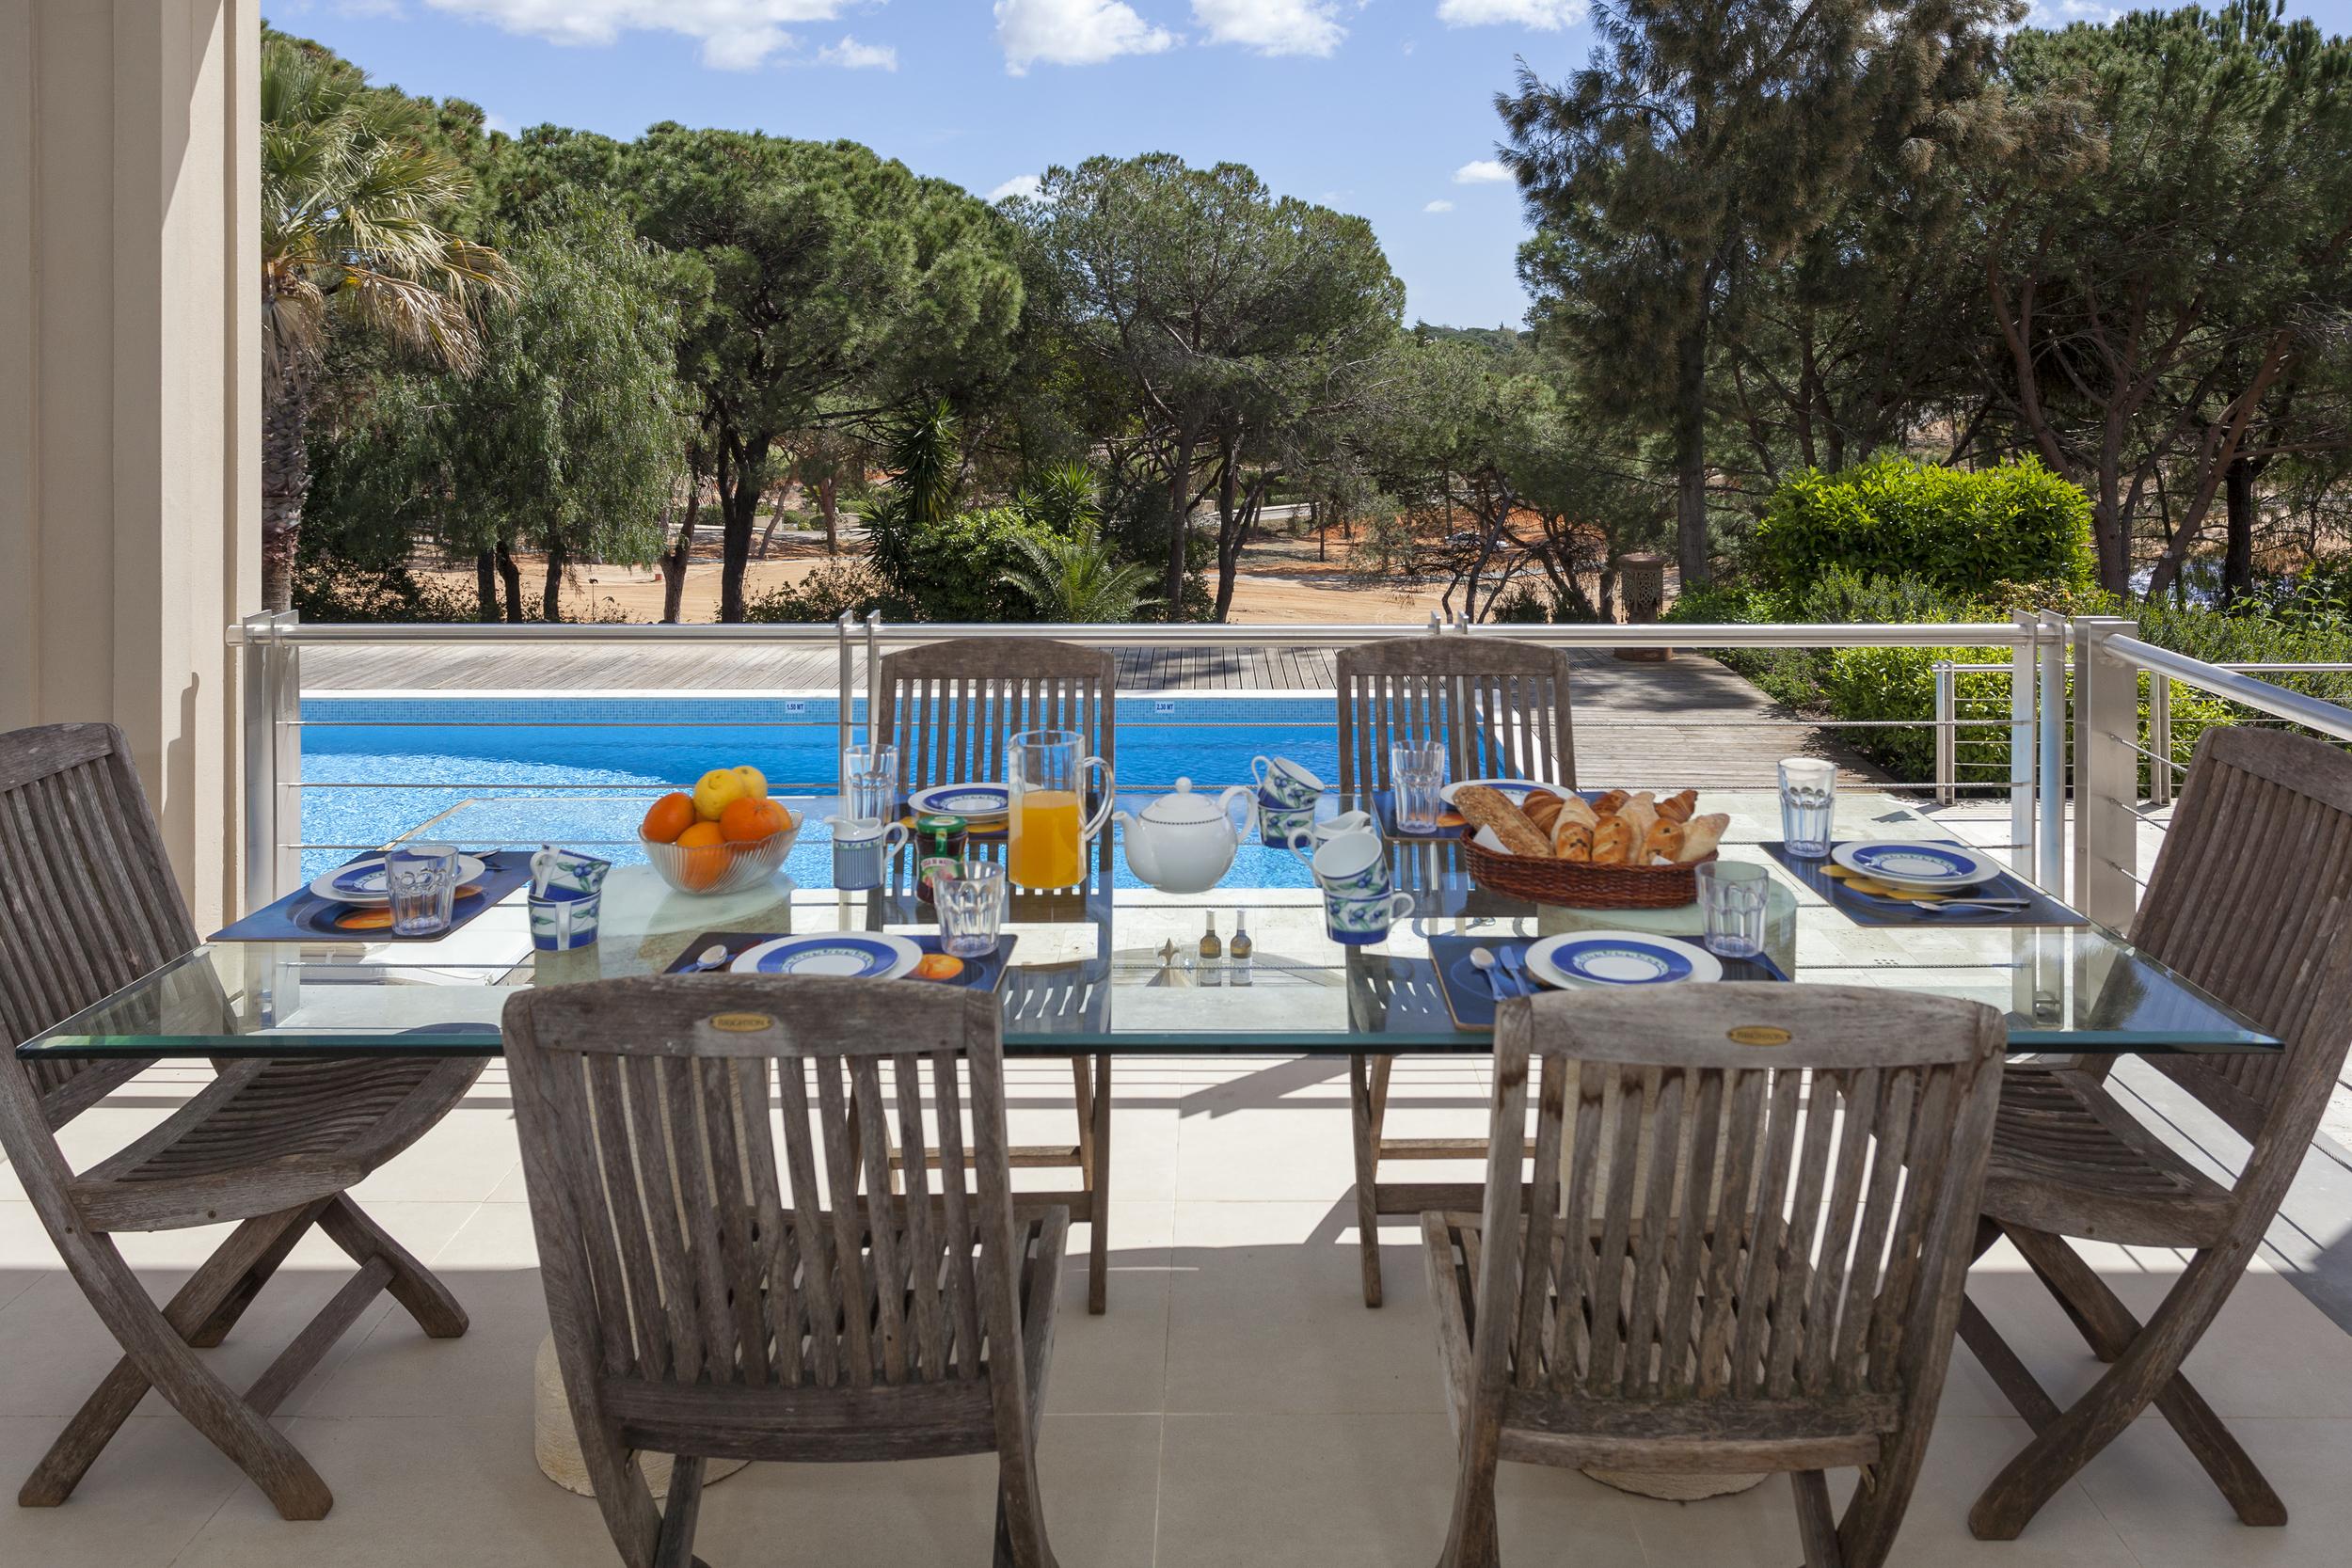 4 bedroom villa to rent in Quinta do Lago, RLV, Villa Serpentine,6.jpg